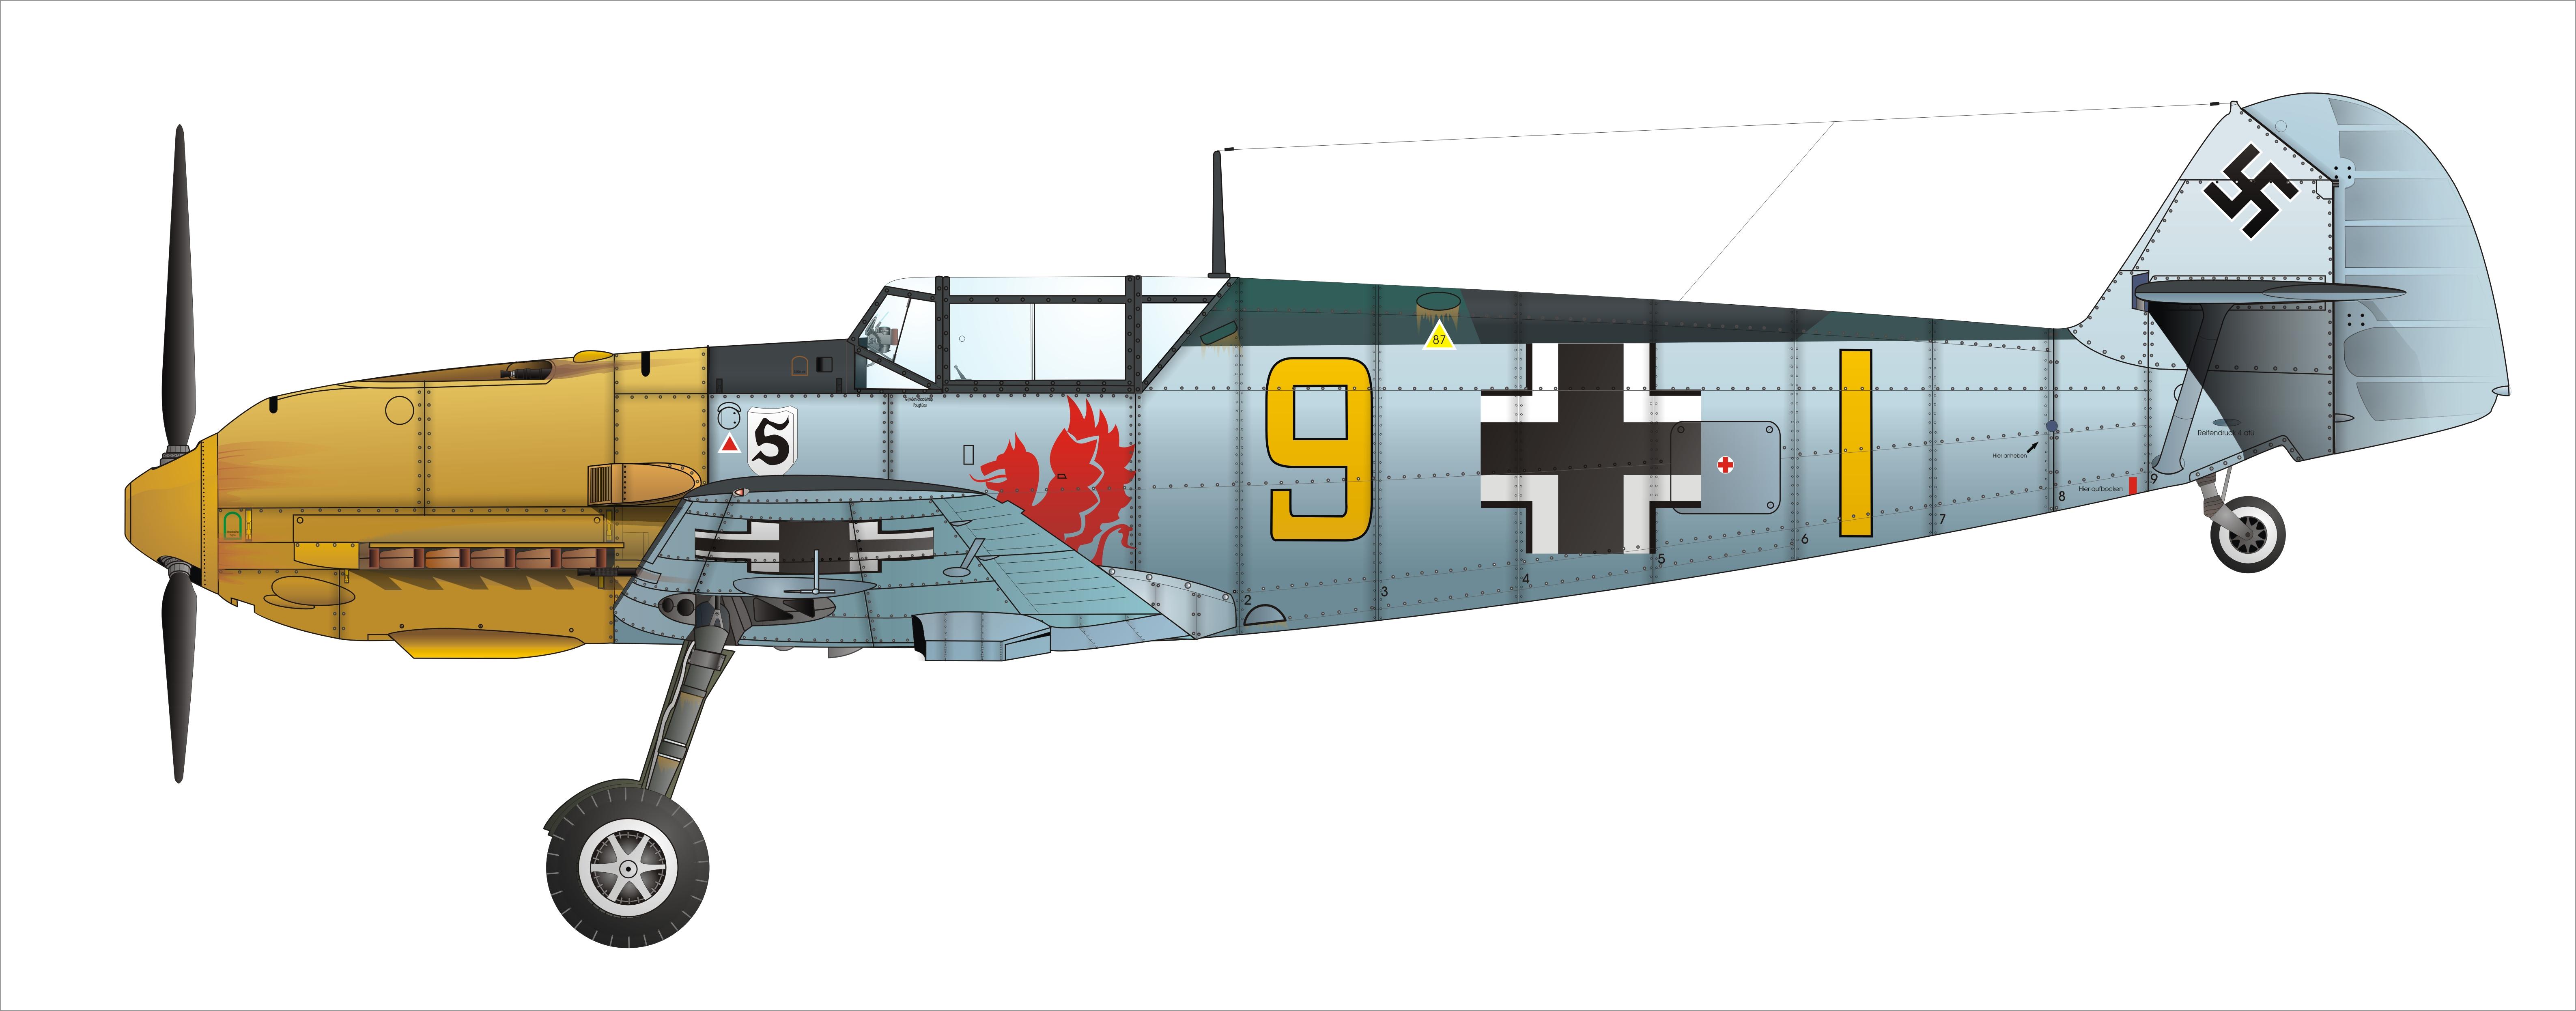 File:Bf109 2 Farbe.jpg.